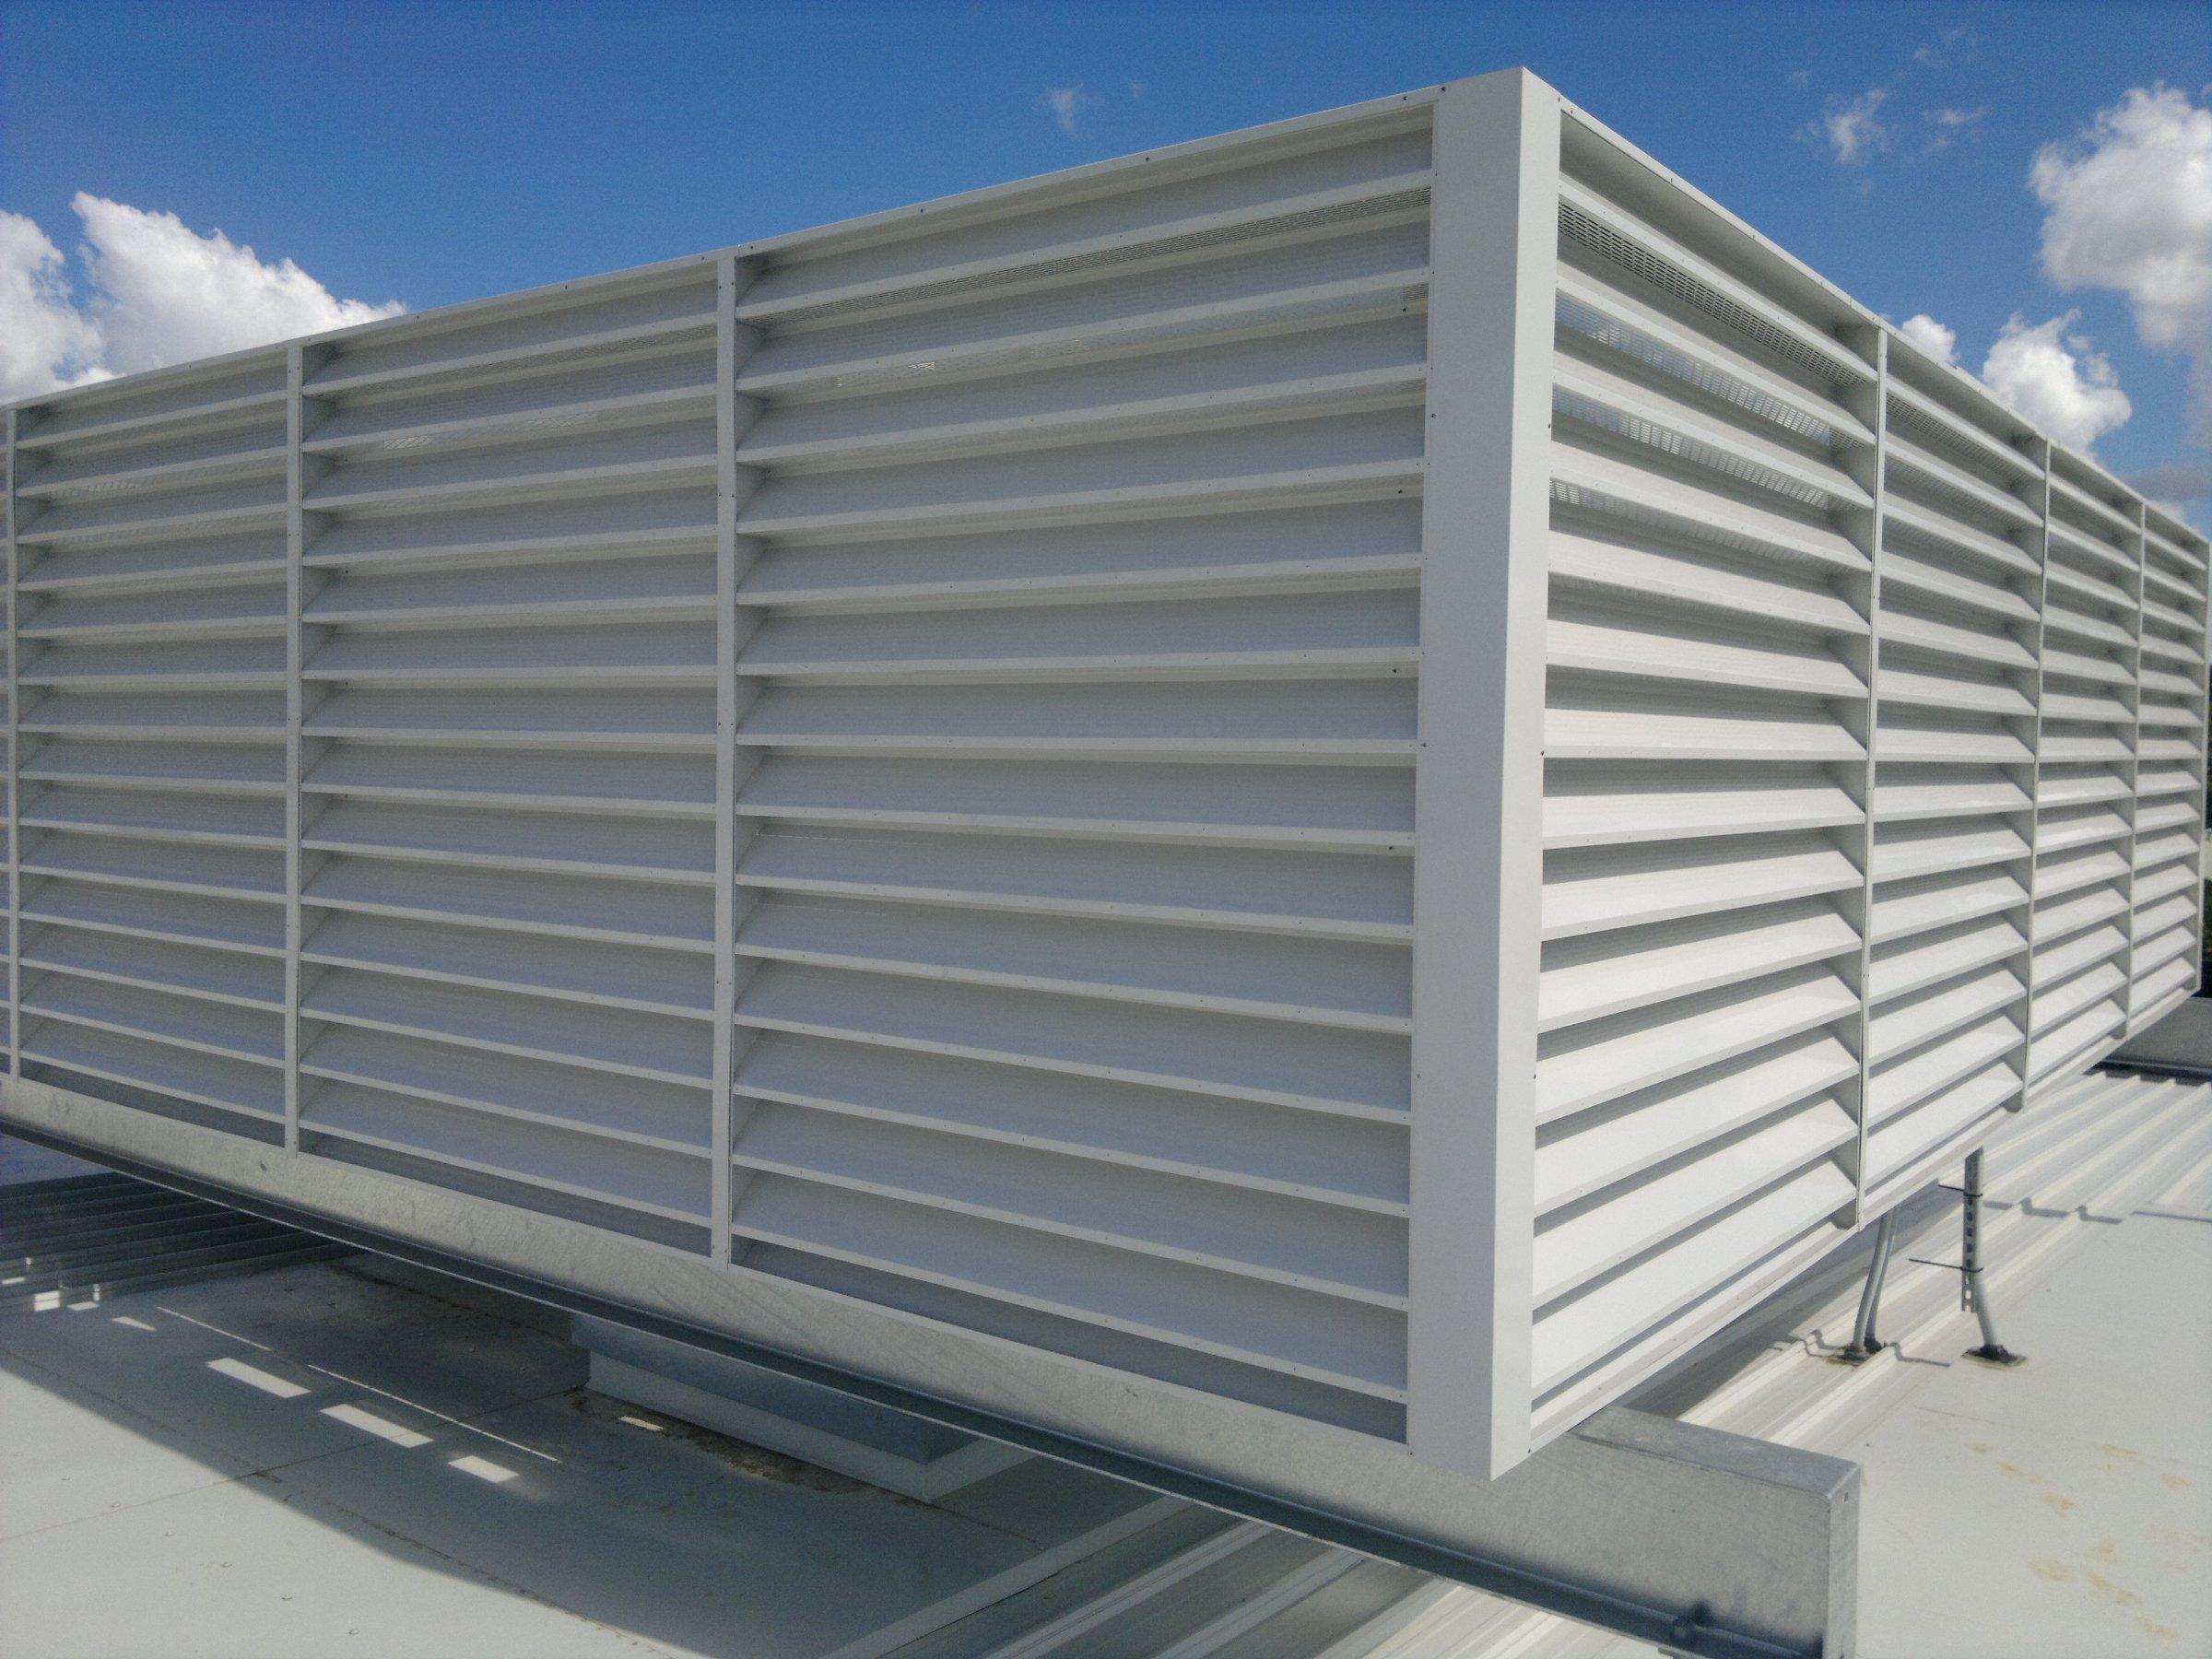 Roof Screen Wall : Koolbreeze craig s engineering